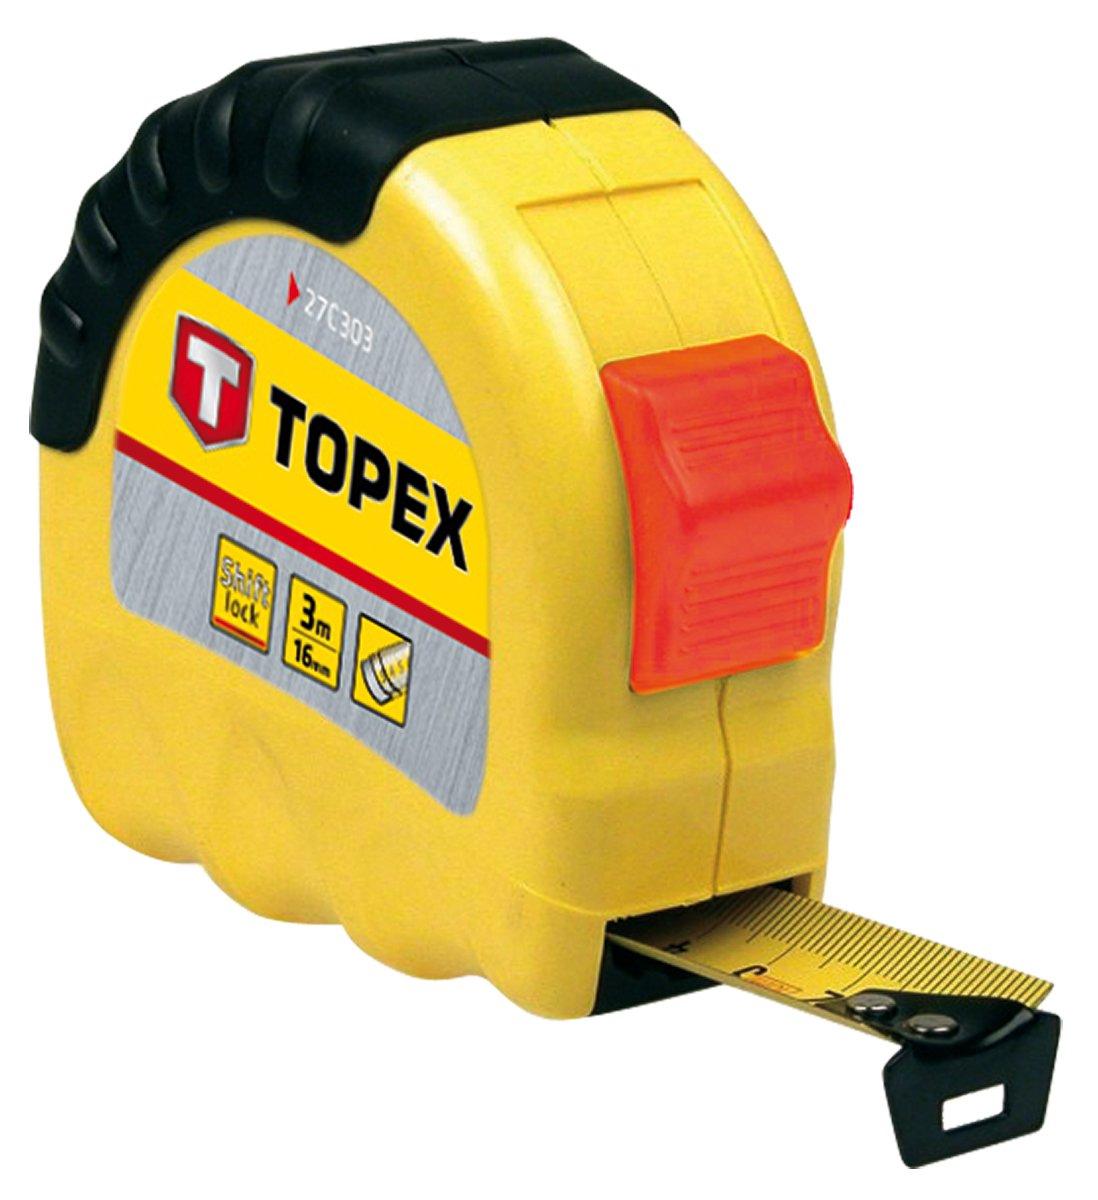 Topex Stahlrollbandma/ß 8 m x 25 mm 27C308